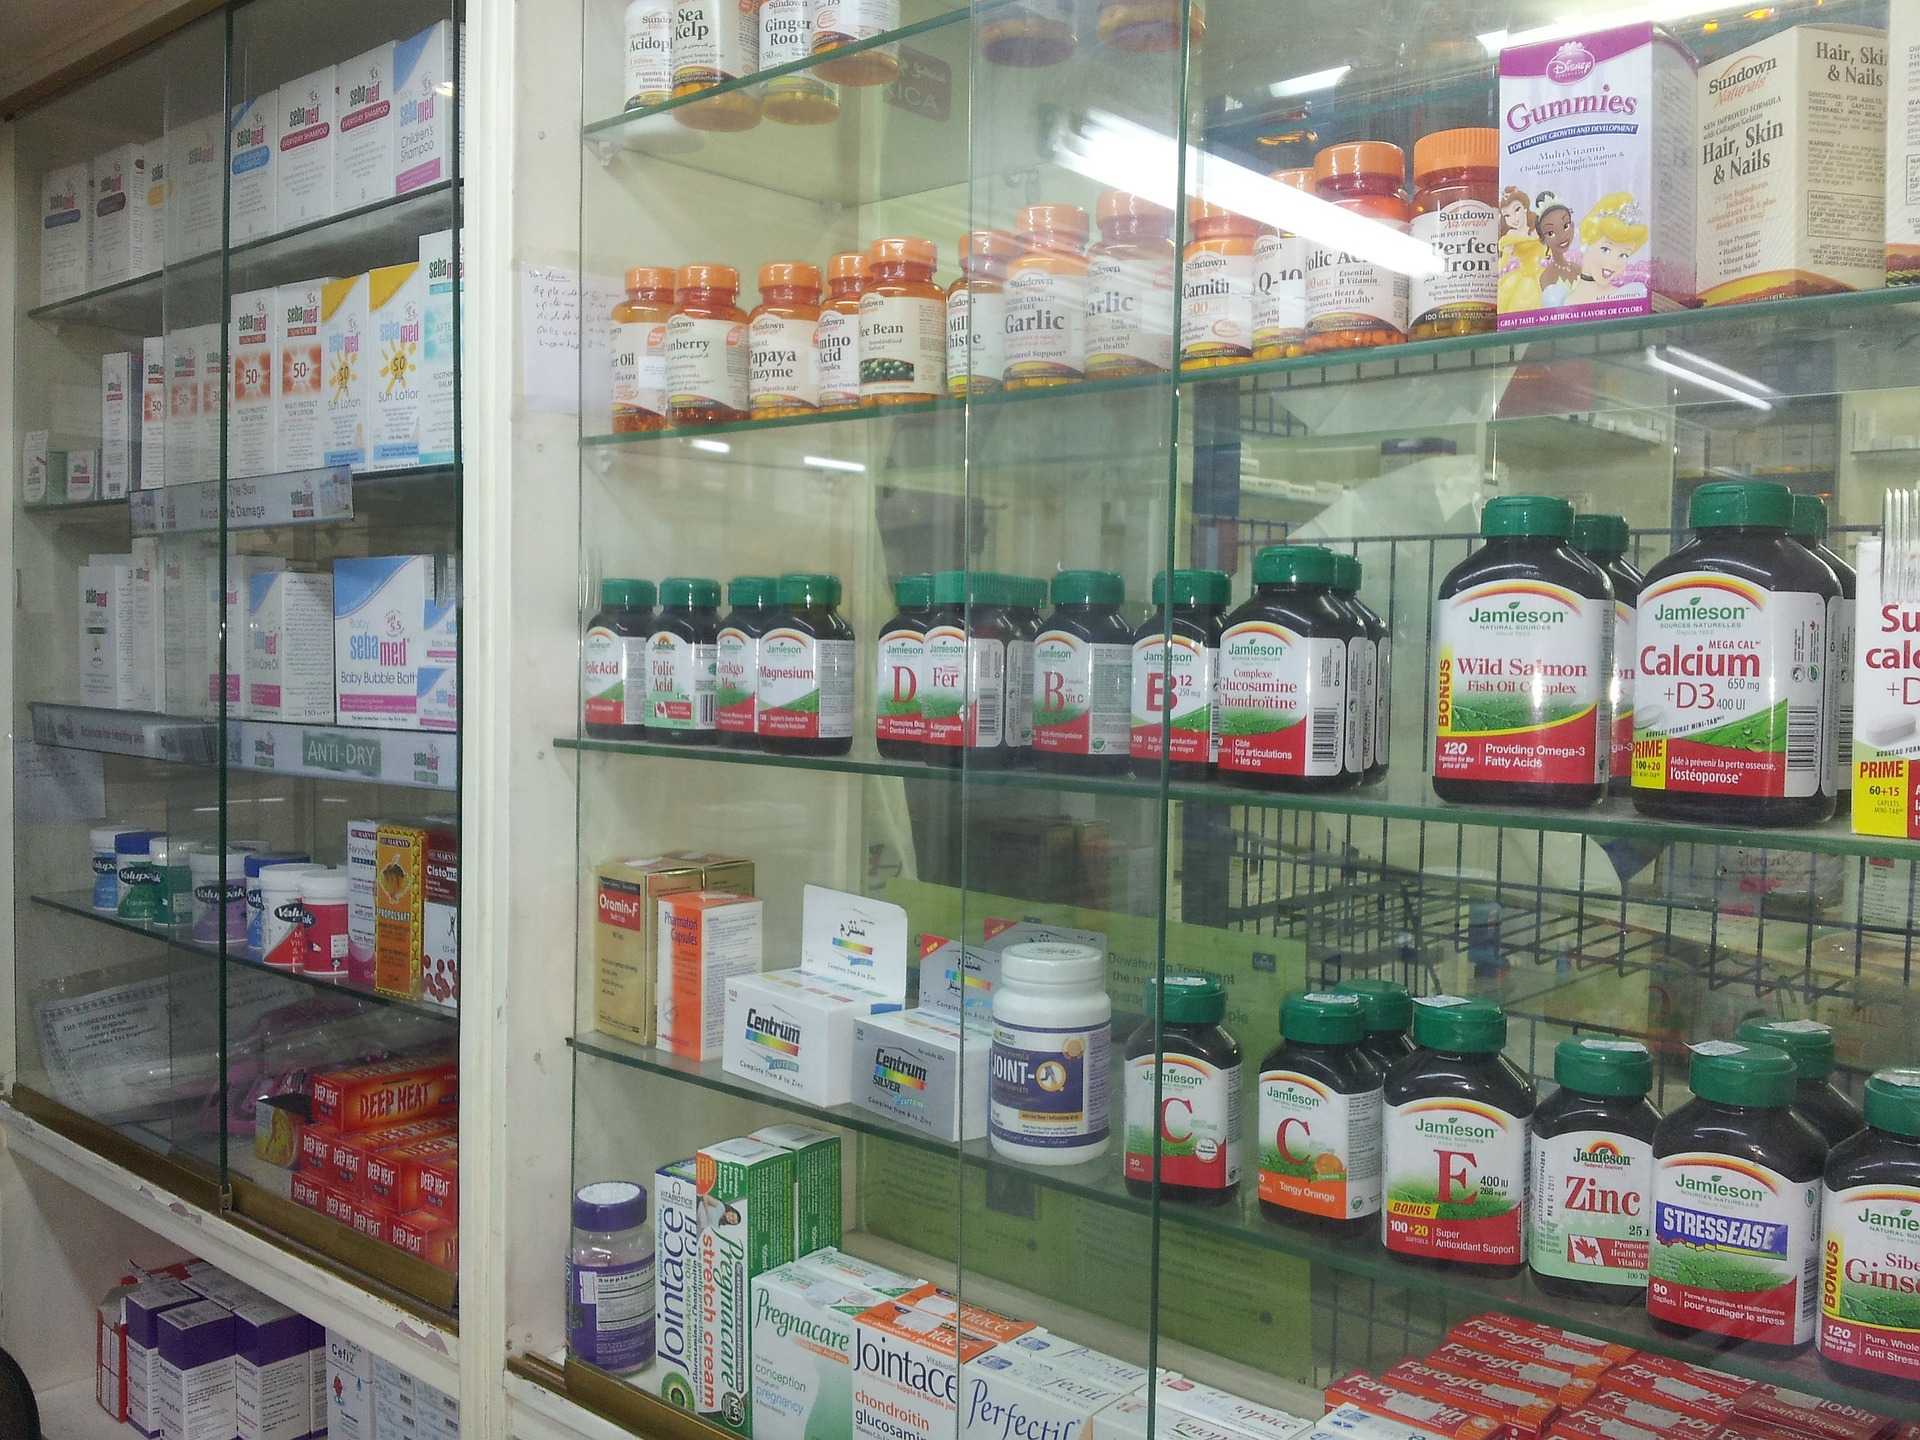 foto de uma vitrine de farmácia com vários potes e pacotes de produtos expostos. Imagem ilustrativa para texto franquia de farmácia.